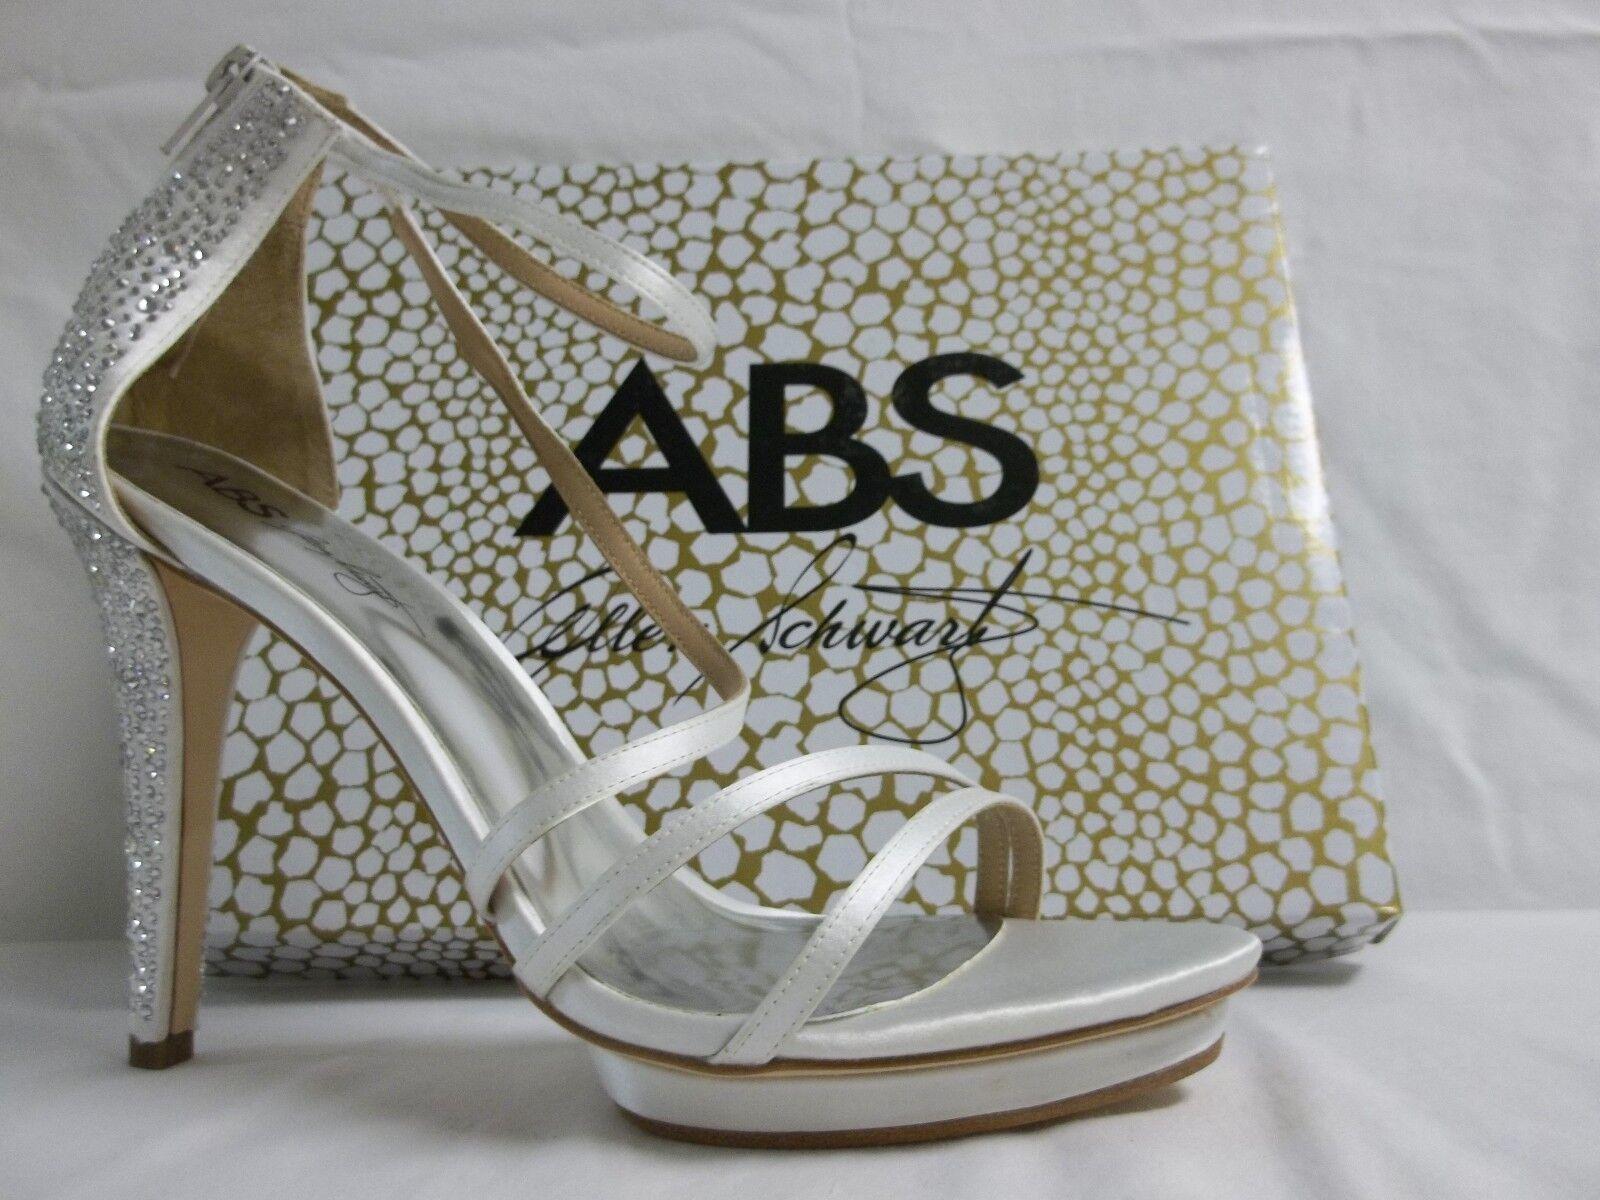 ABS By Allen Schwartz Taille 10 M All Star blanc Satin Heels New femmes chaussures